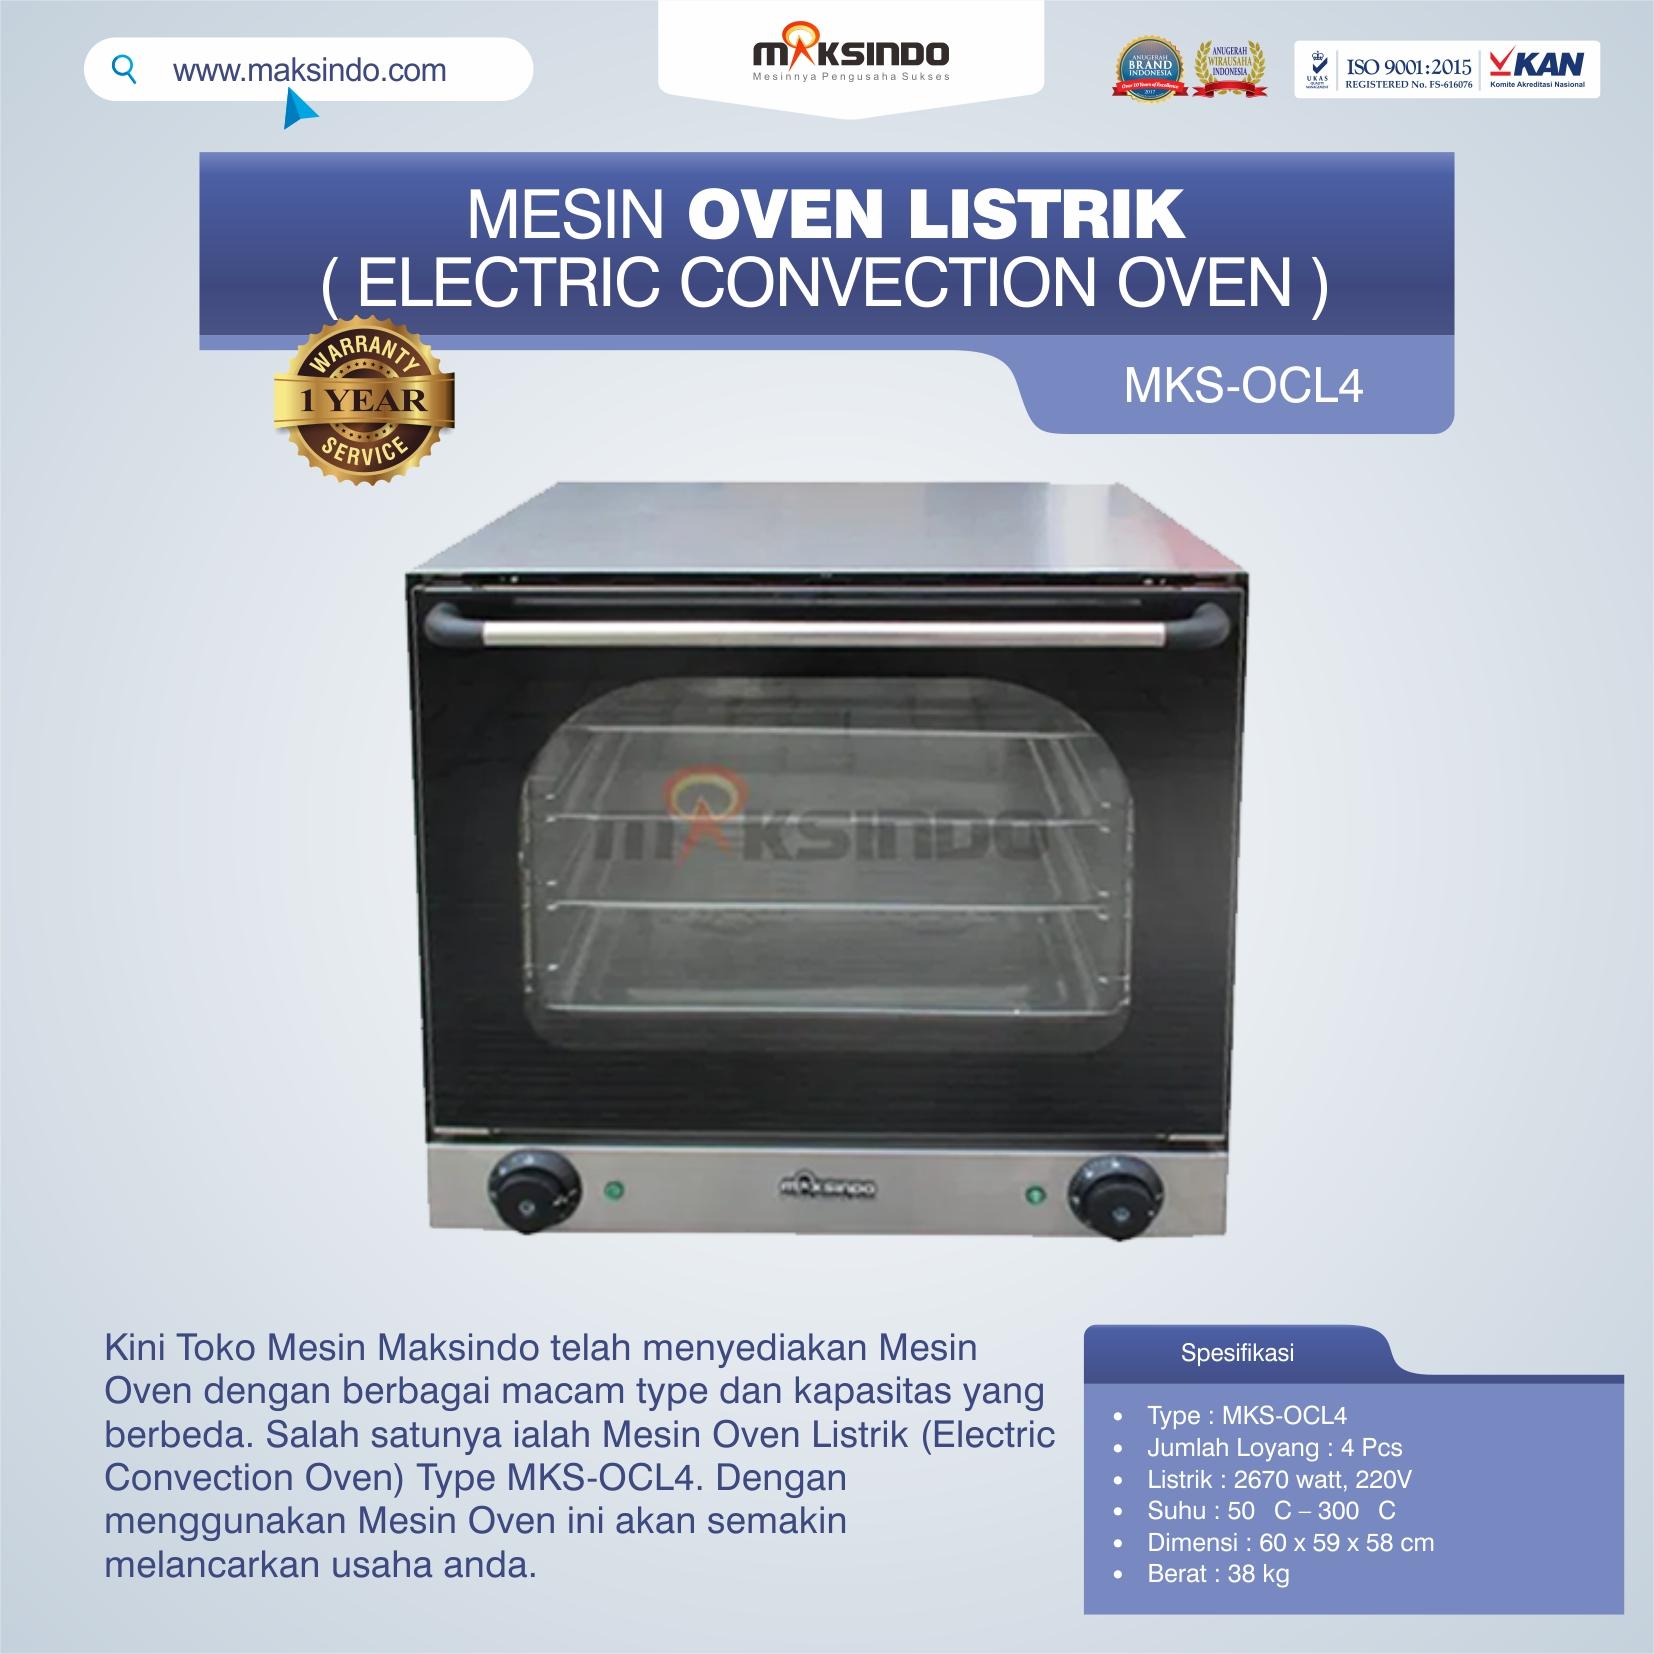 Jual Mesin Oven Listrik (Electric Convection Oven) MKS-OCL4 di Malang